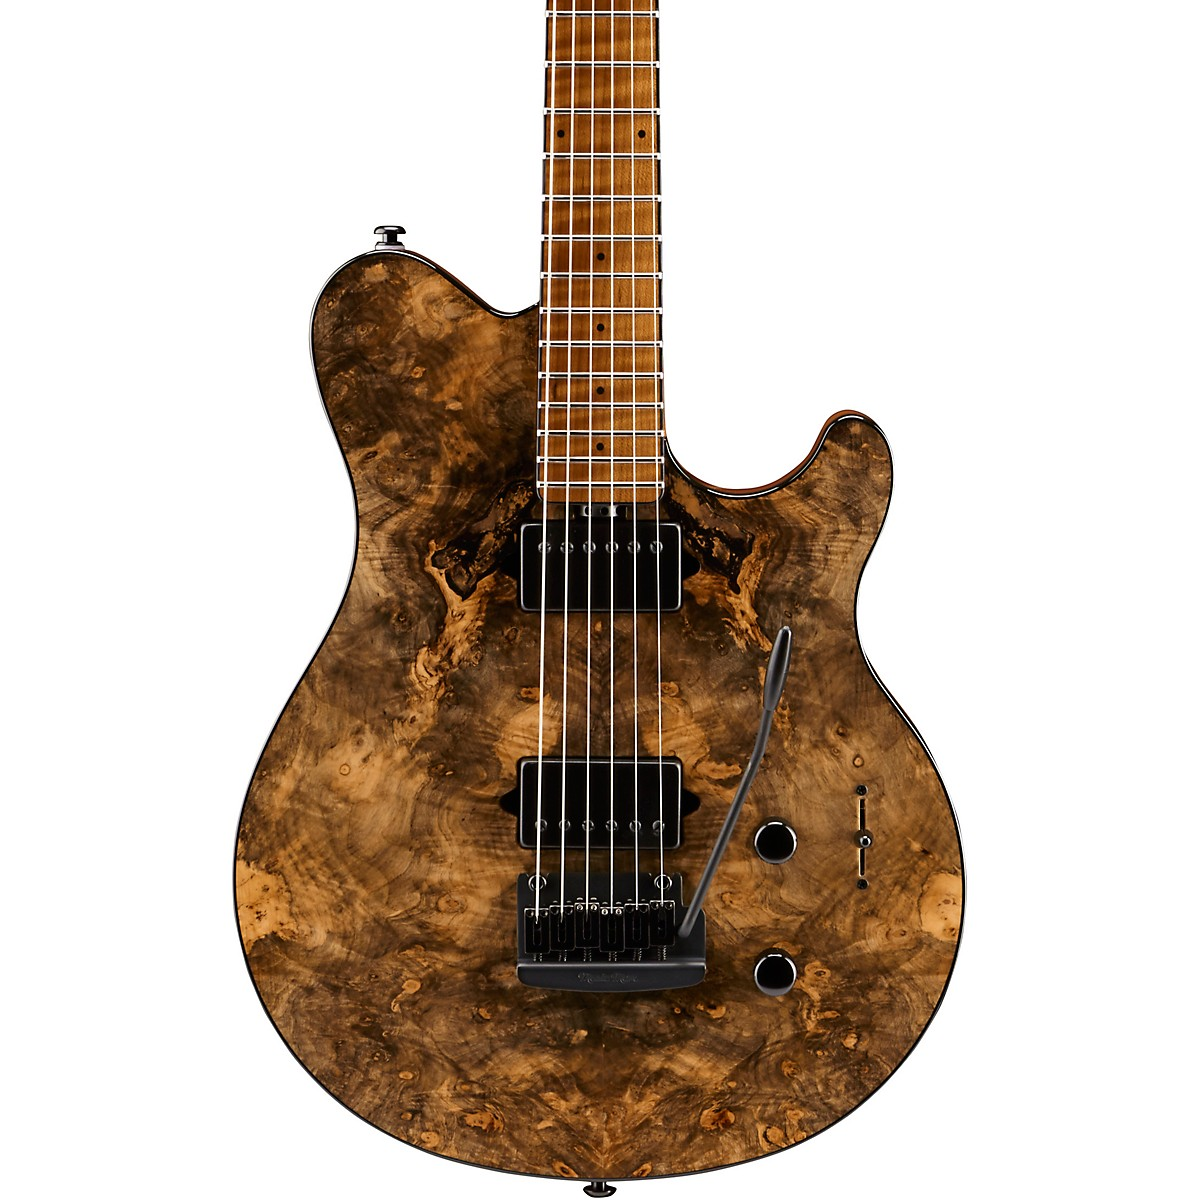 Ernie Ball Music Man BFR Axis Super Sport Burl Top Electric Guitar